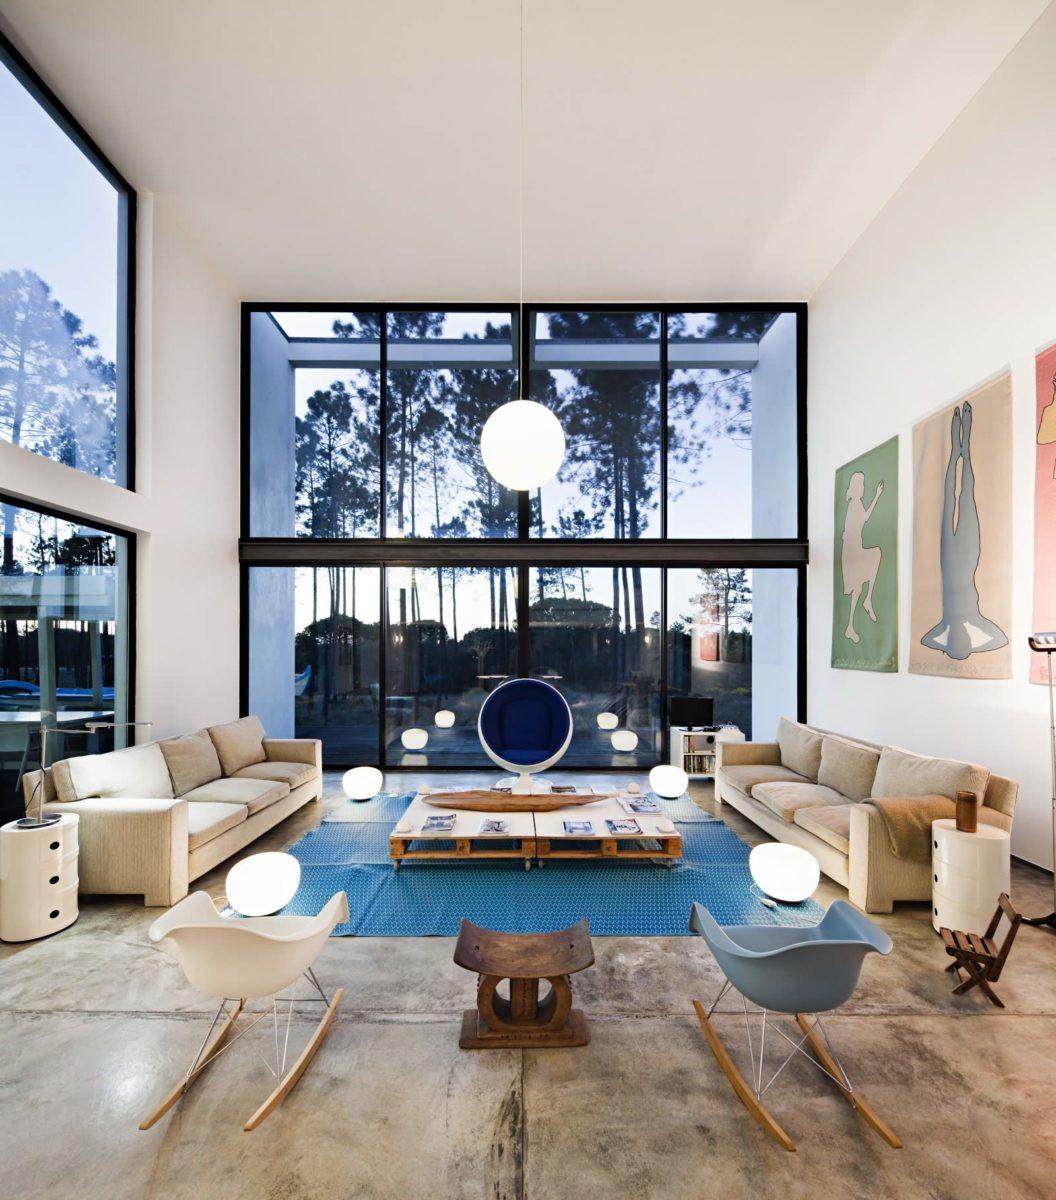 L'immobilier de prestige en images